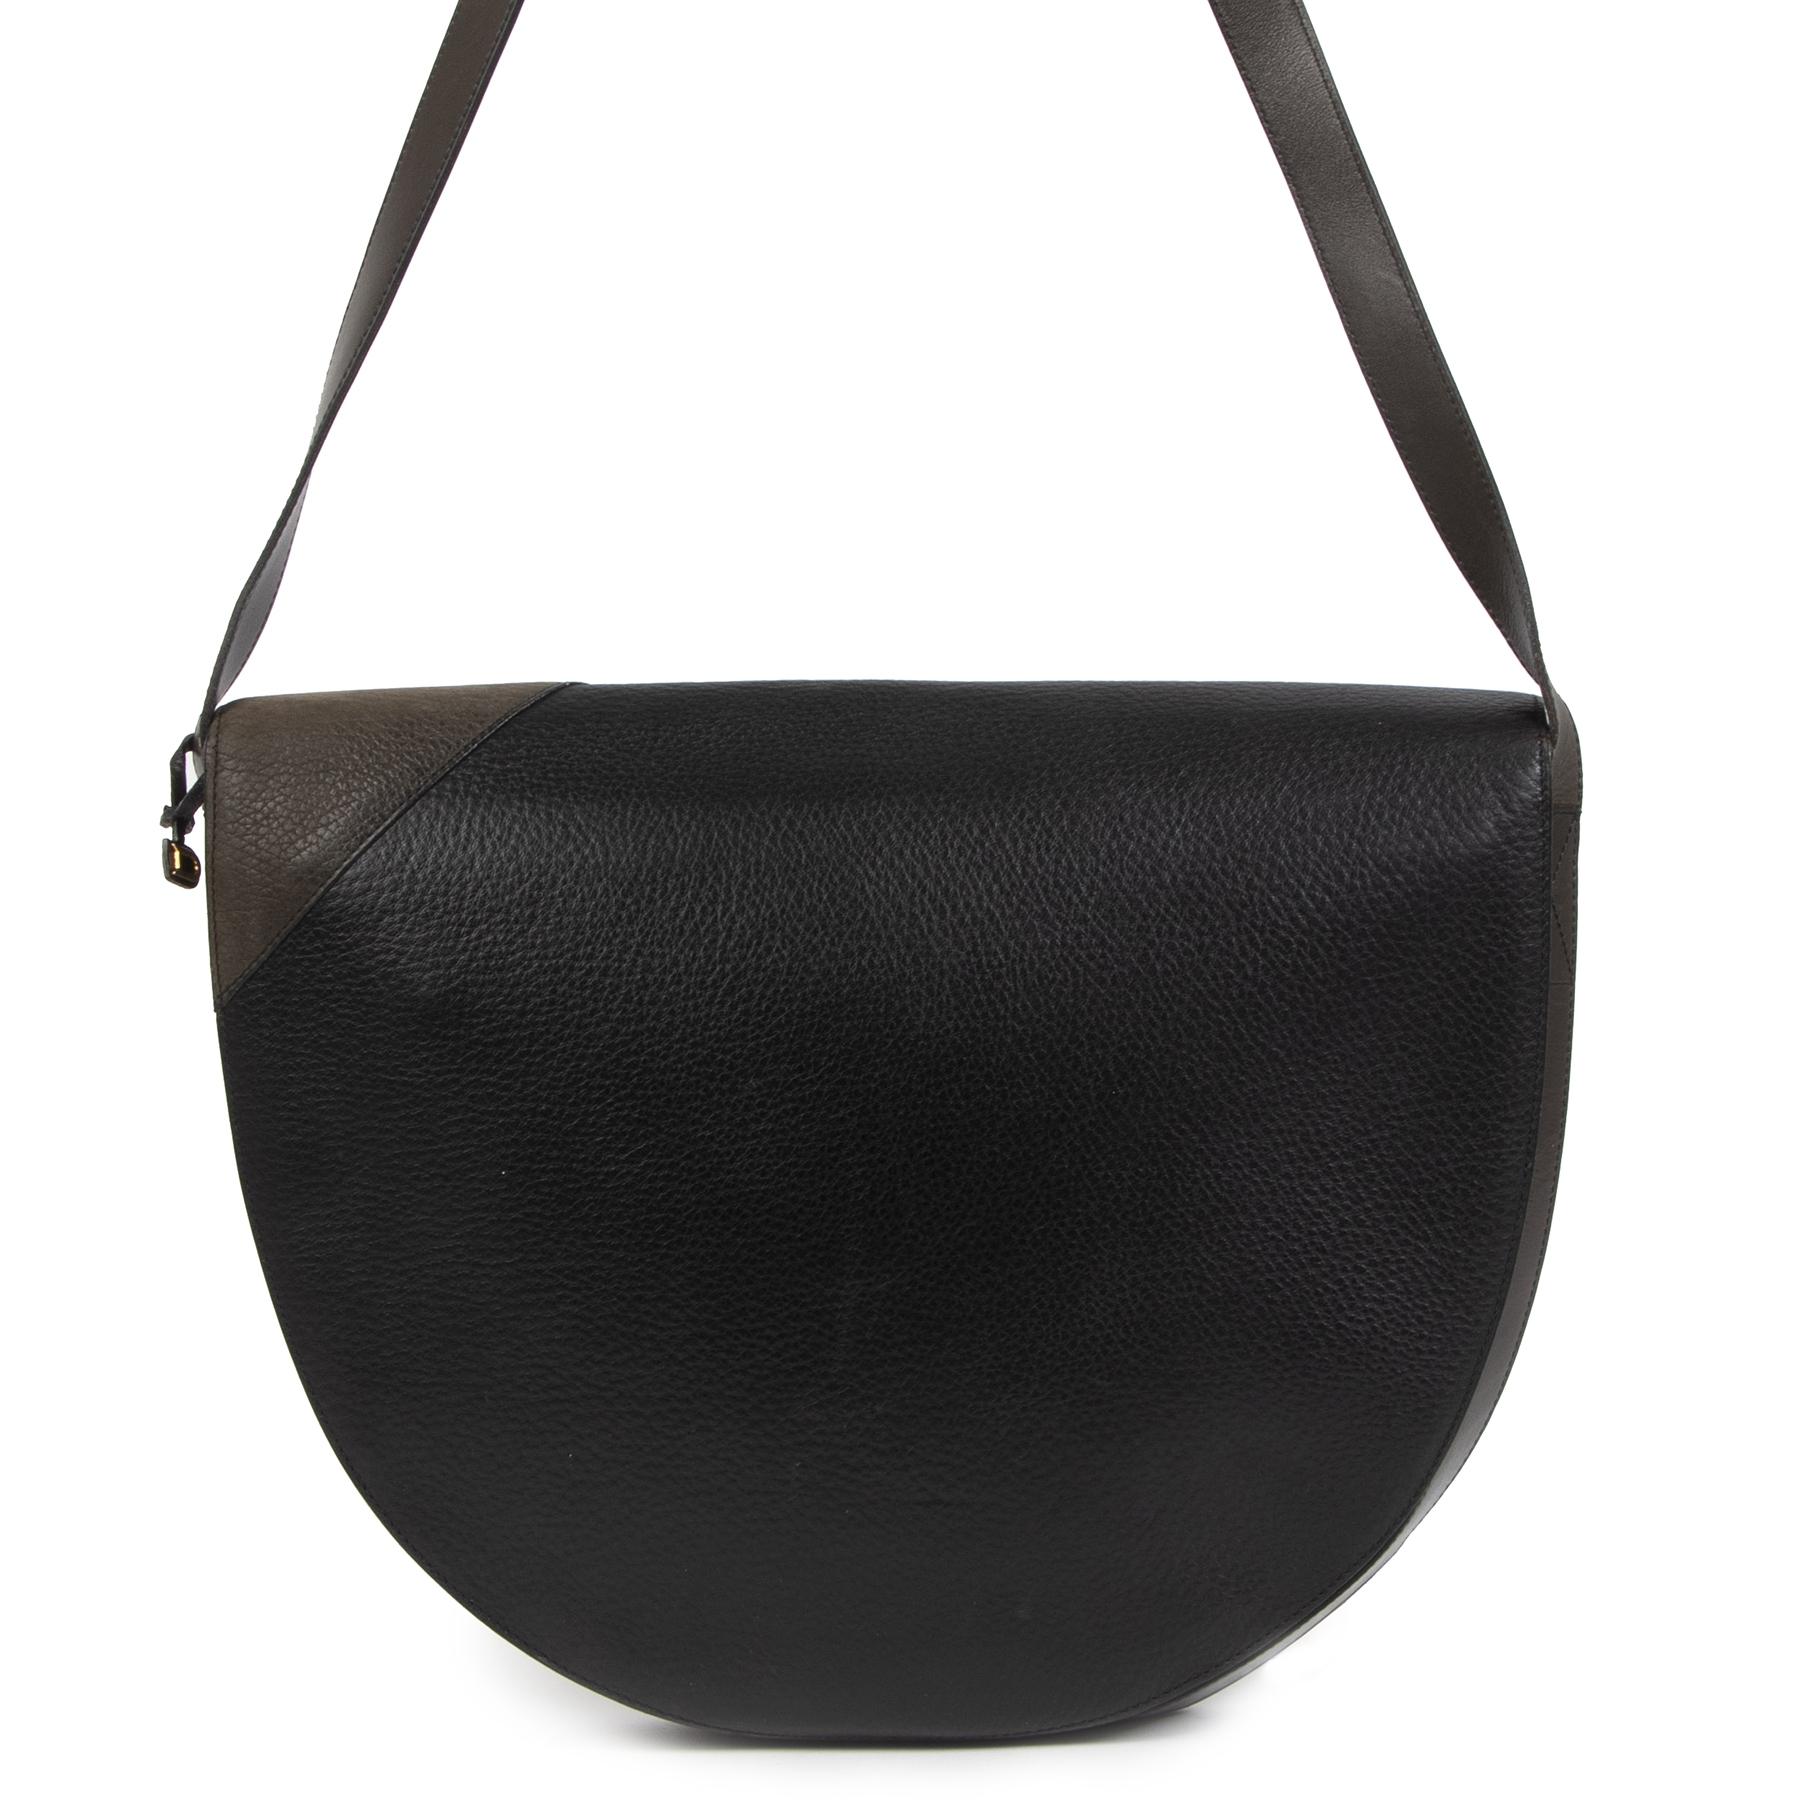 Authentieke Tweedehands Delvaux Dark Blue Leather Shoulder Bag juiste prijs veilig online shoppen luxe merken webshop winkelen Antwerpen België mode fashion